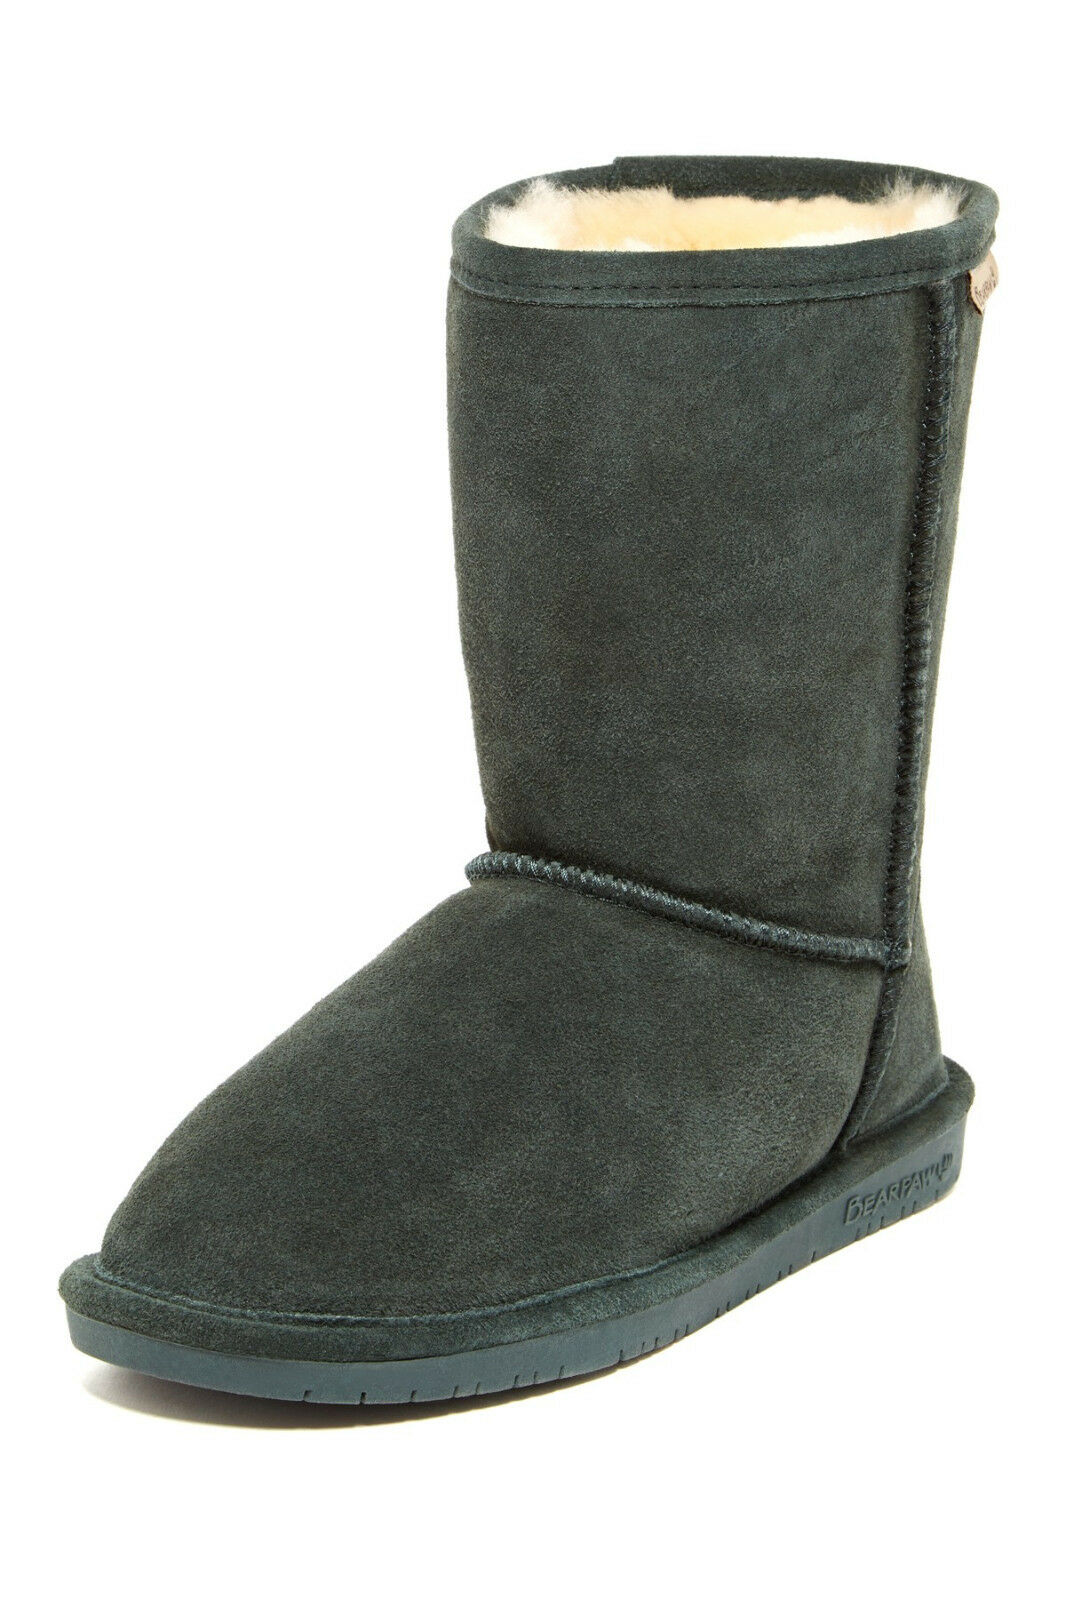 everVert bearpaw 608 courte w emma courte 608 taille de 6 m femmes bottes occasionnels 61d0e3